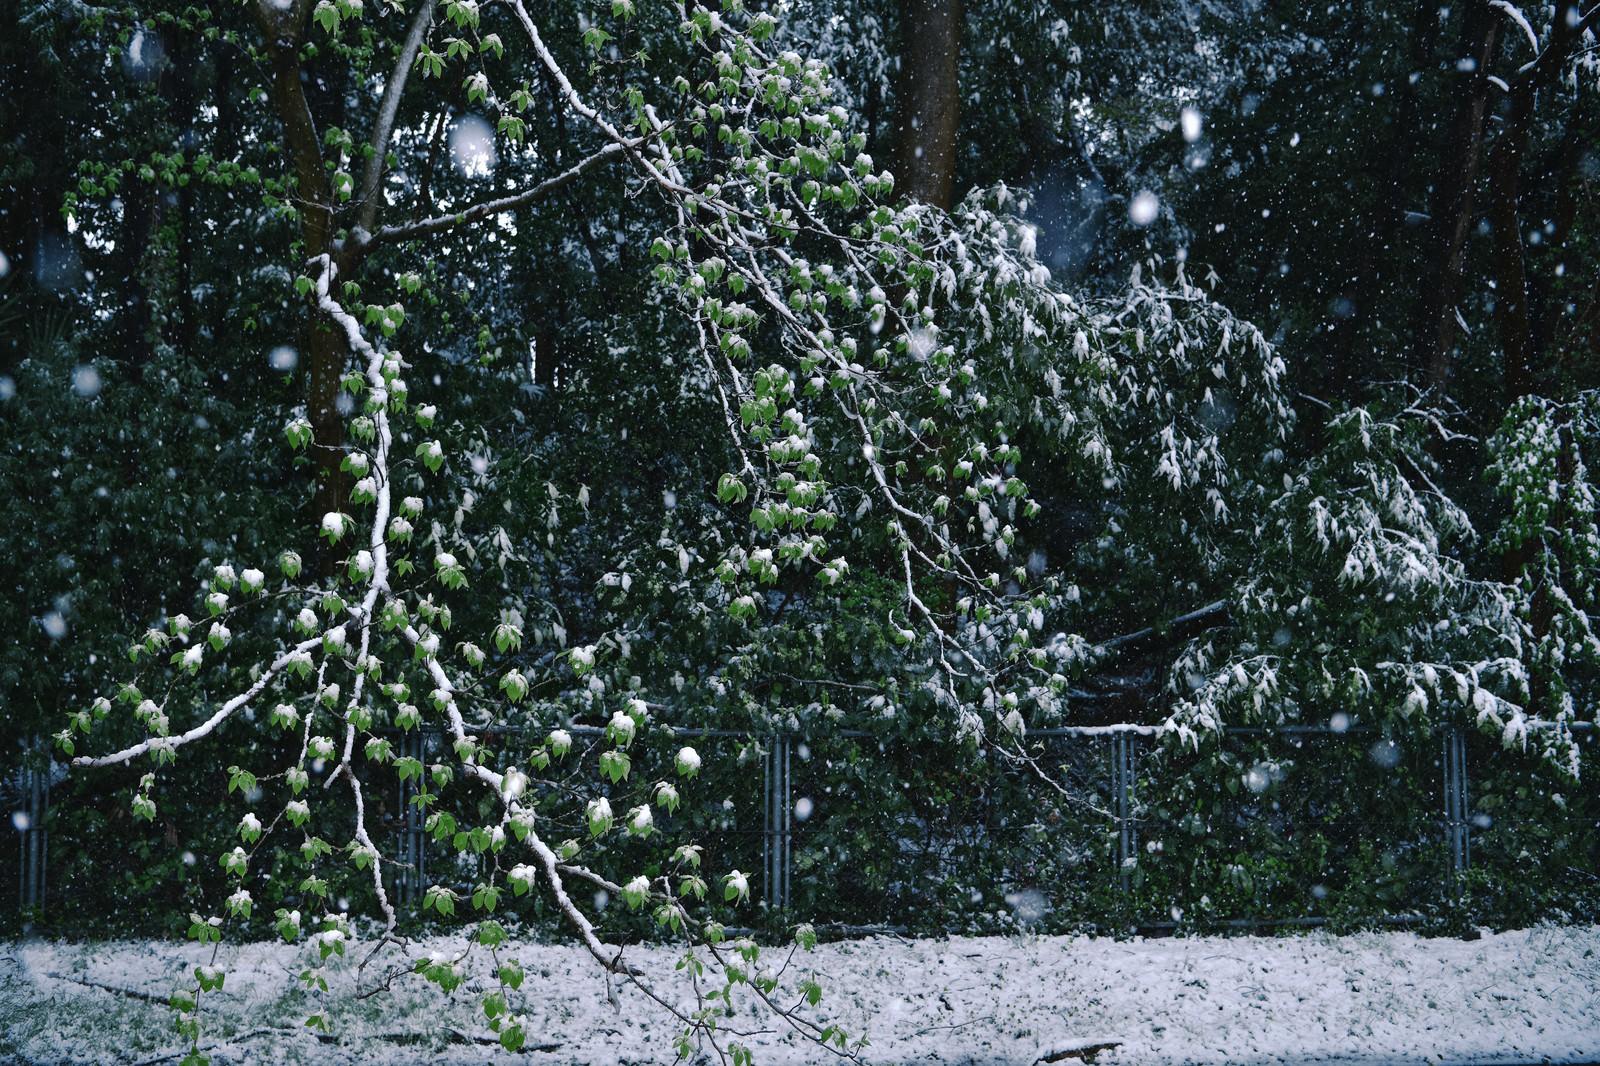 「新緑の葉に降り積もる季節外れの雪」の写真